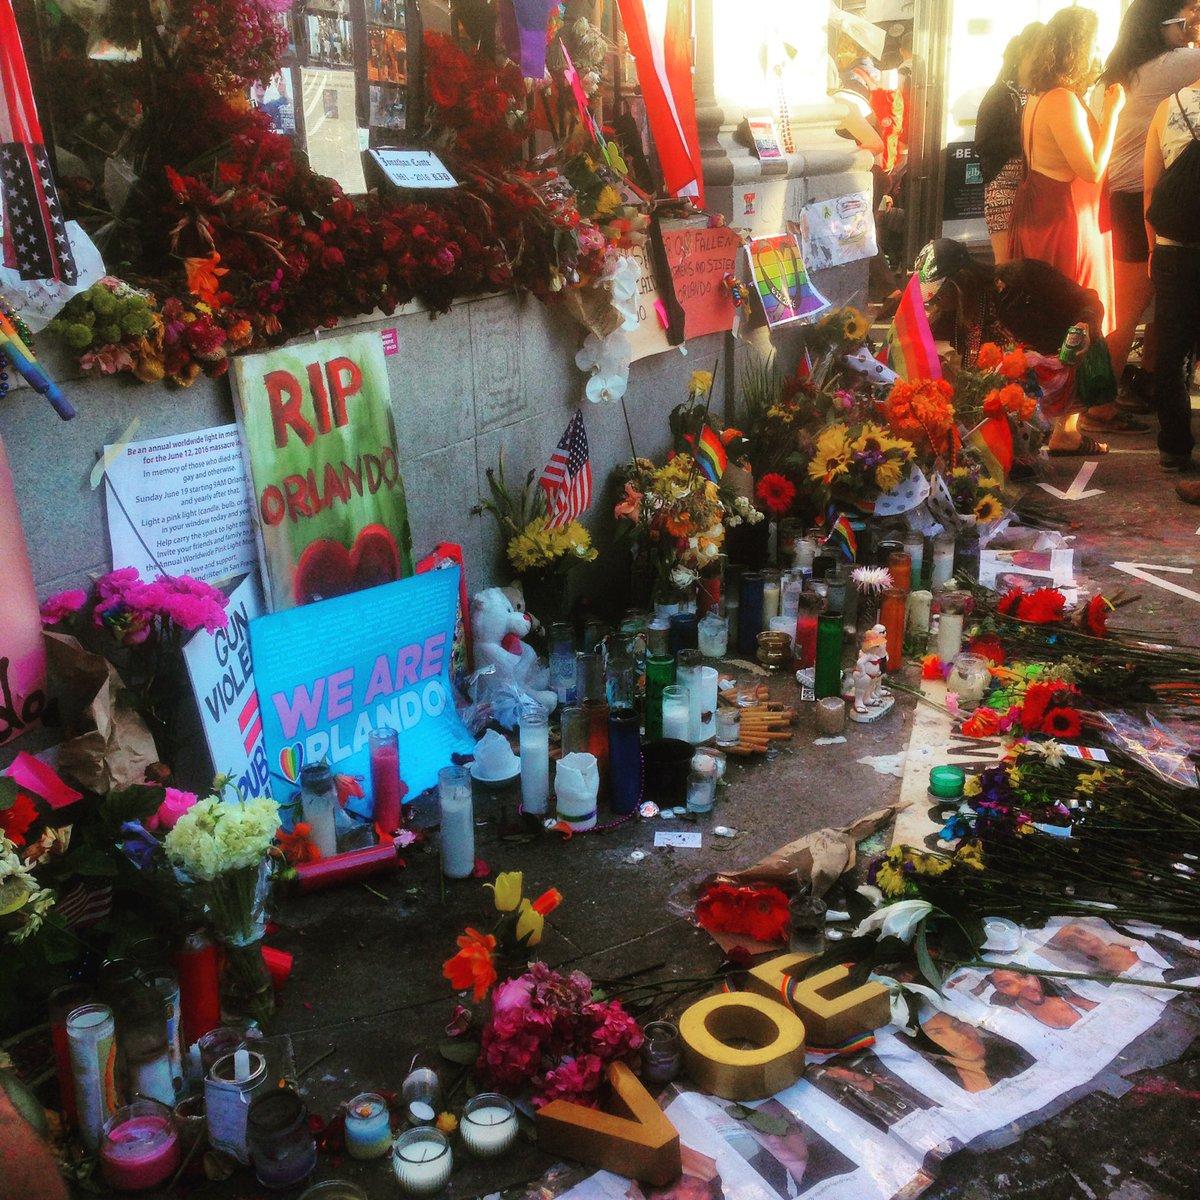 San Francisco celebrates gay pride amid tightened security